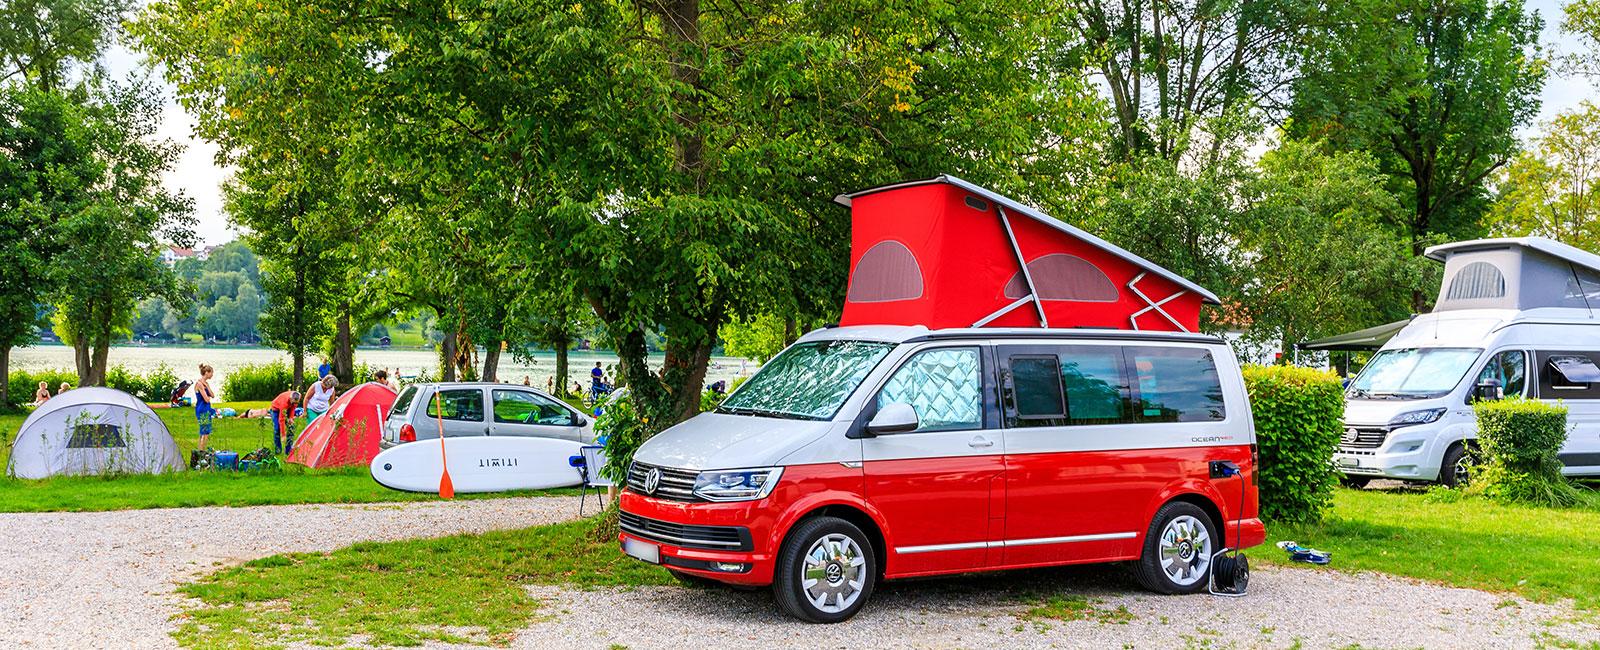 Campingbus auf dem Campingplatz